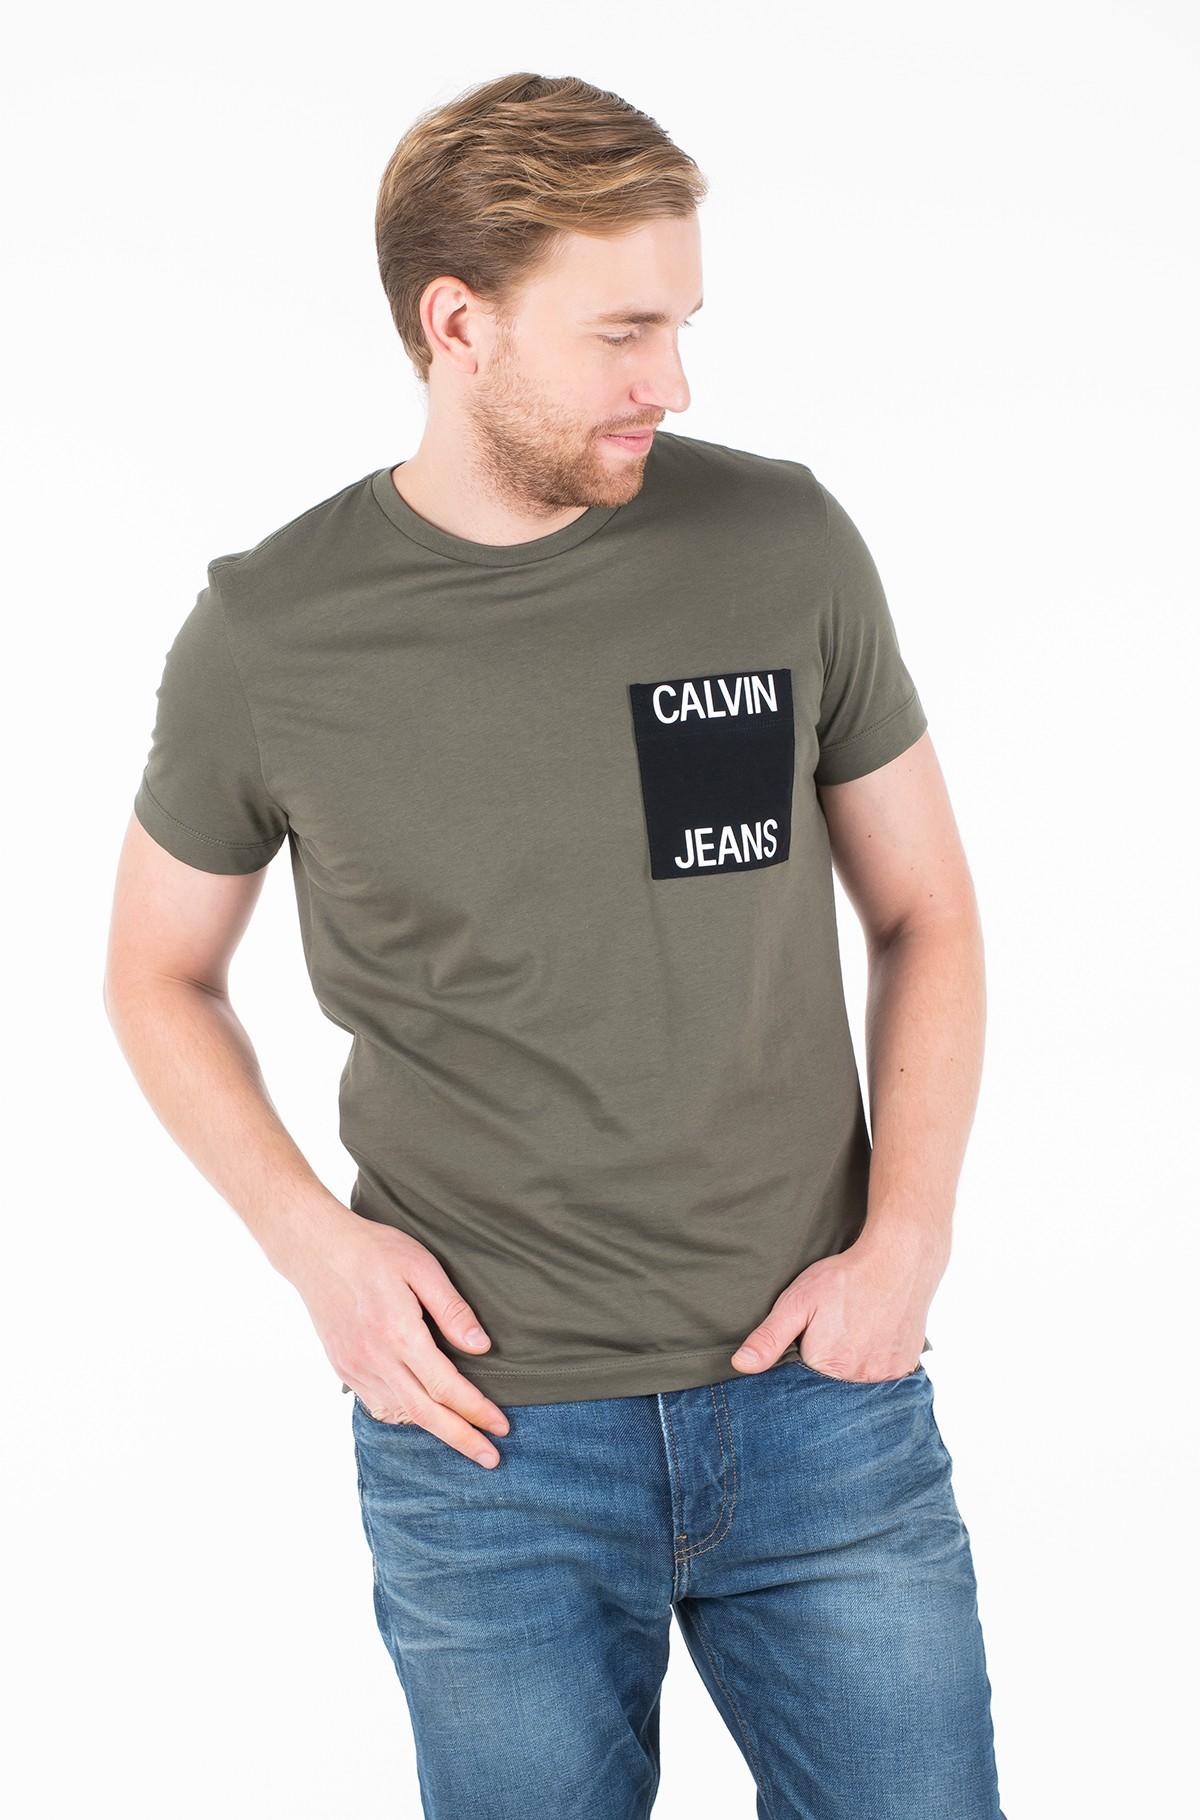 Marškinėliai CALVIN JEANS POCKET SLIM TEE-full-1